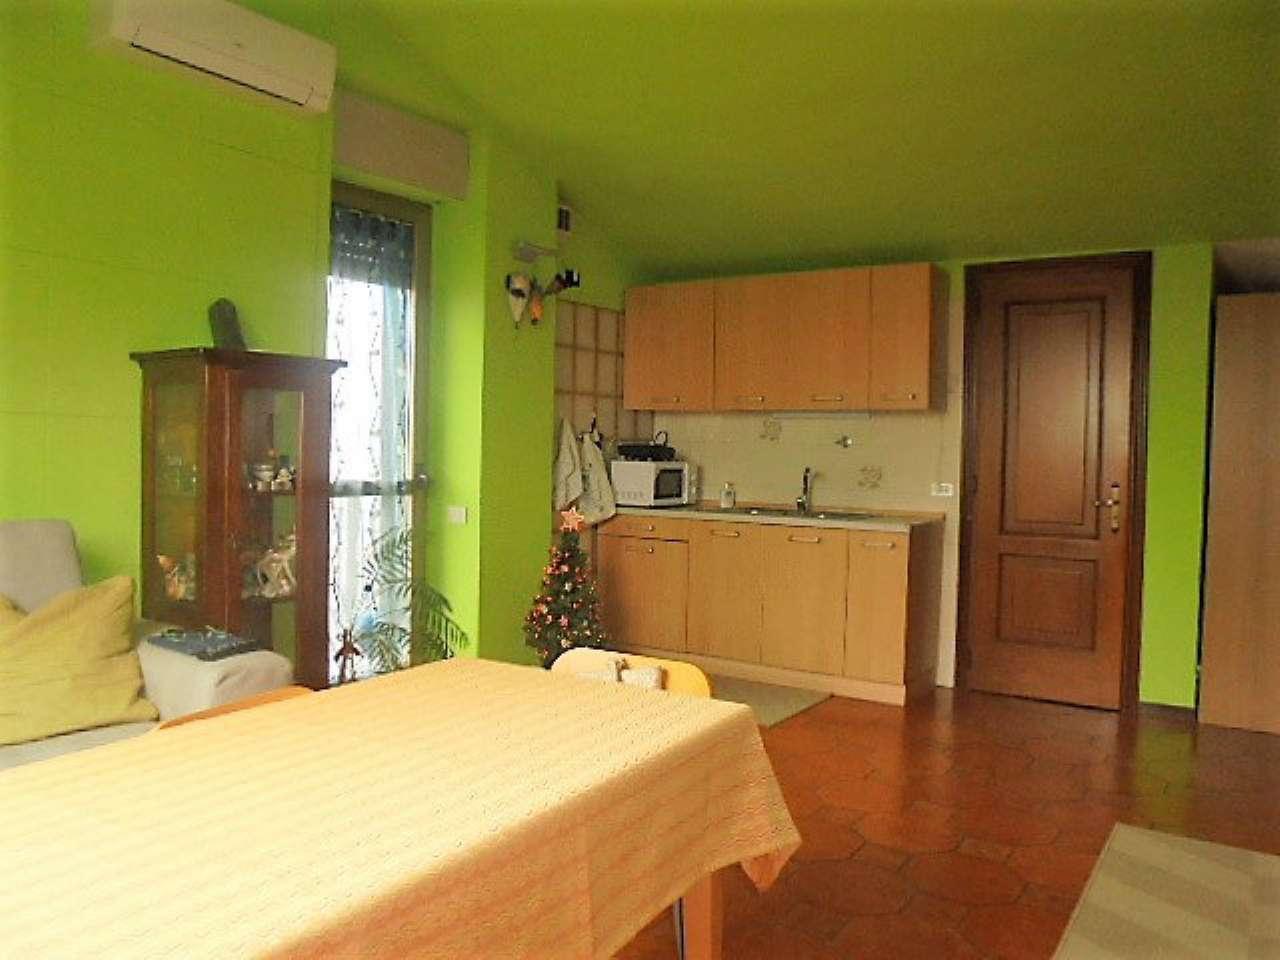 Appartamento in vendita a Santena, 2 locali, prezzo € 70.000 | Cambio Casa.it